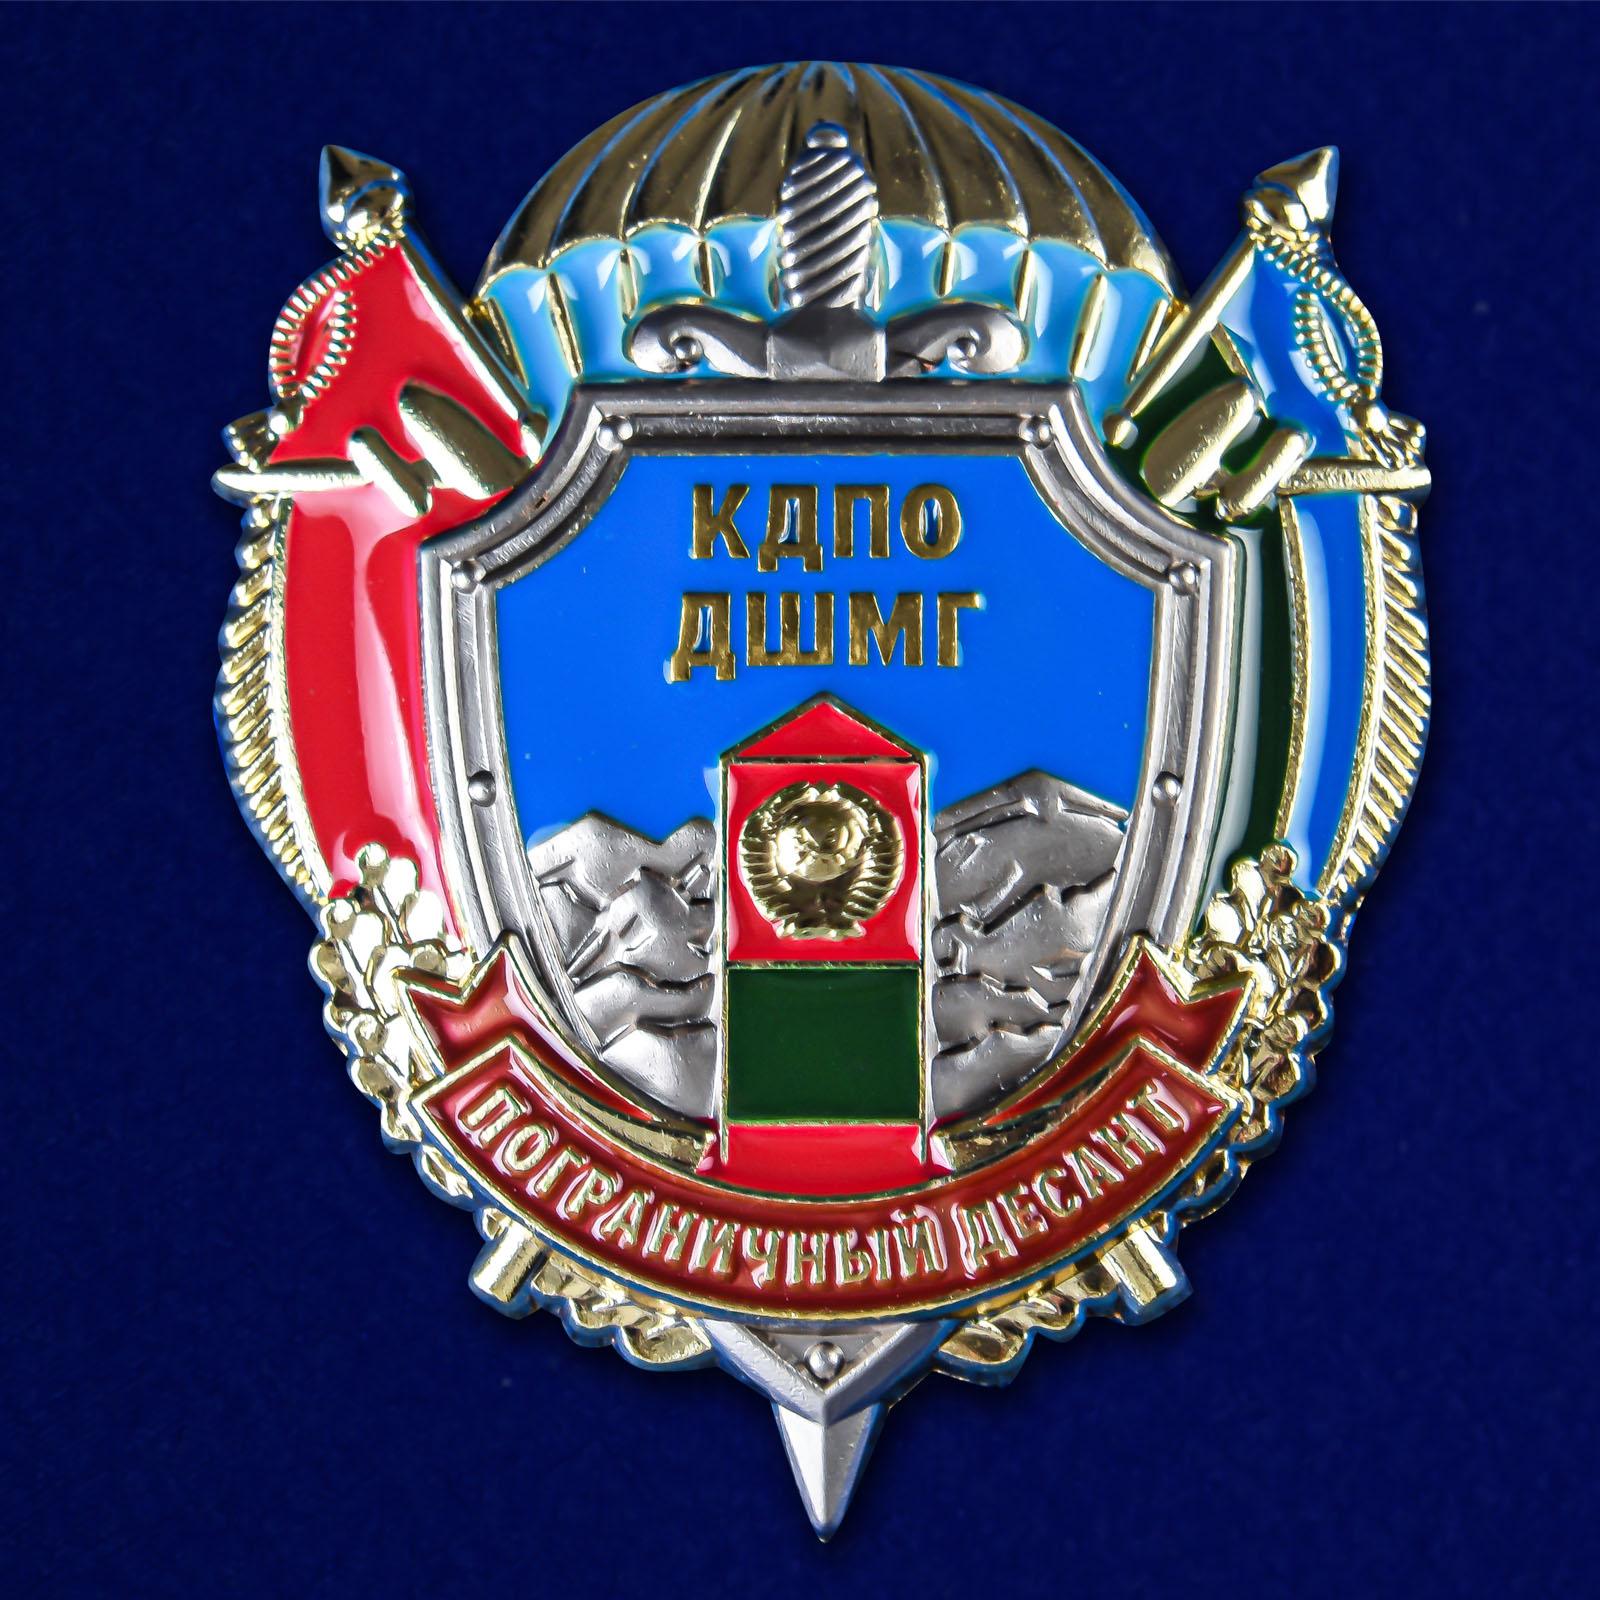 Знак Пограничного десанта КДПО ДШМГ на подставке